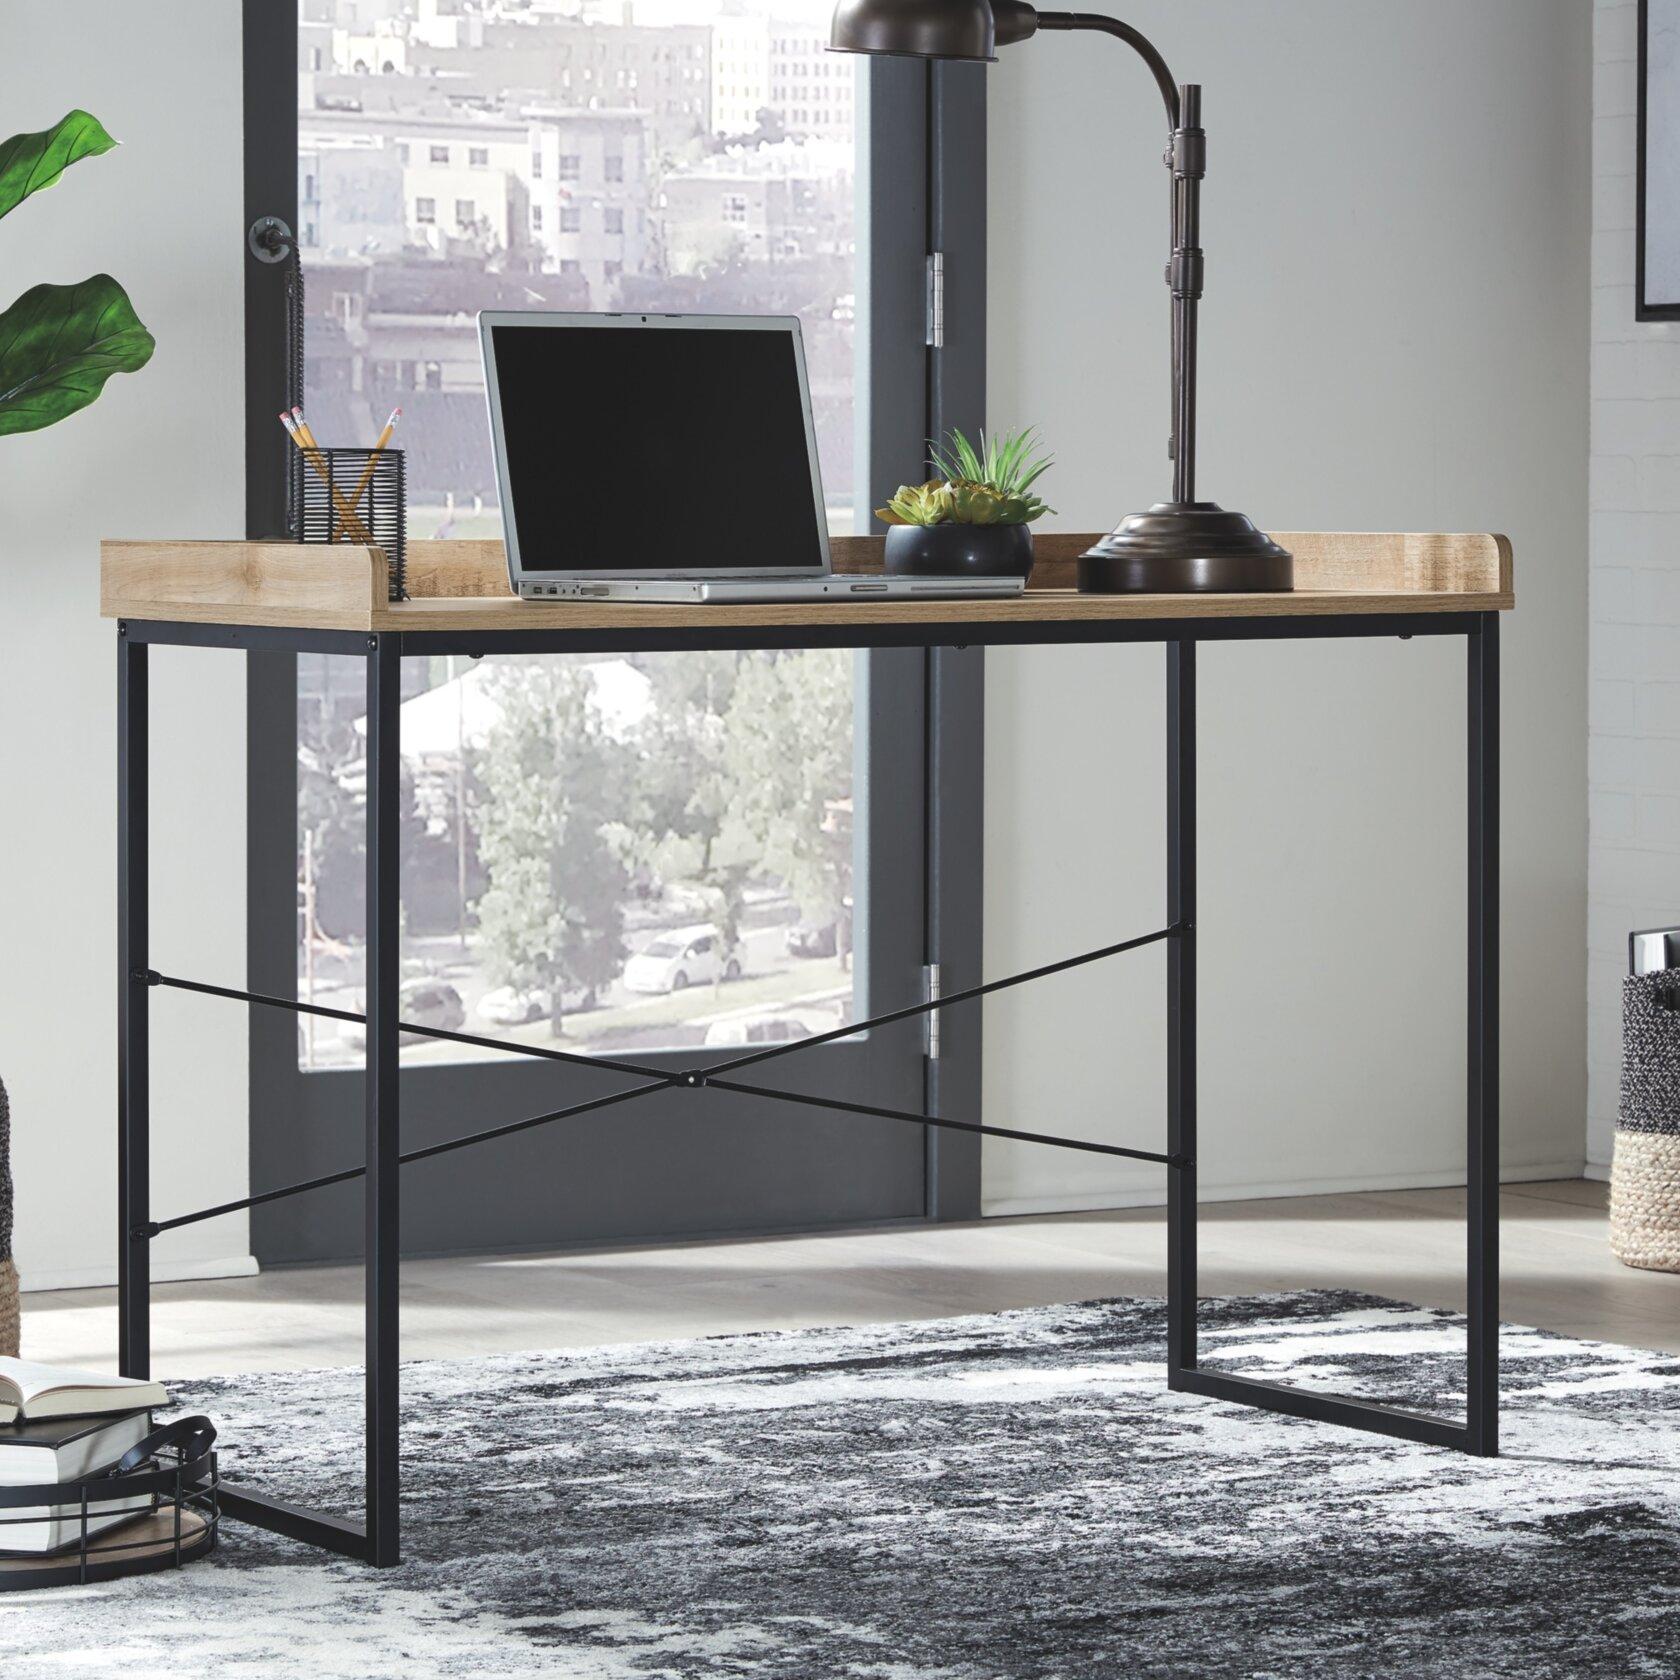 Tharpe Wood Writing Desk